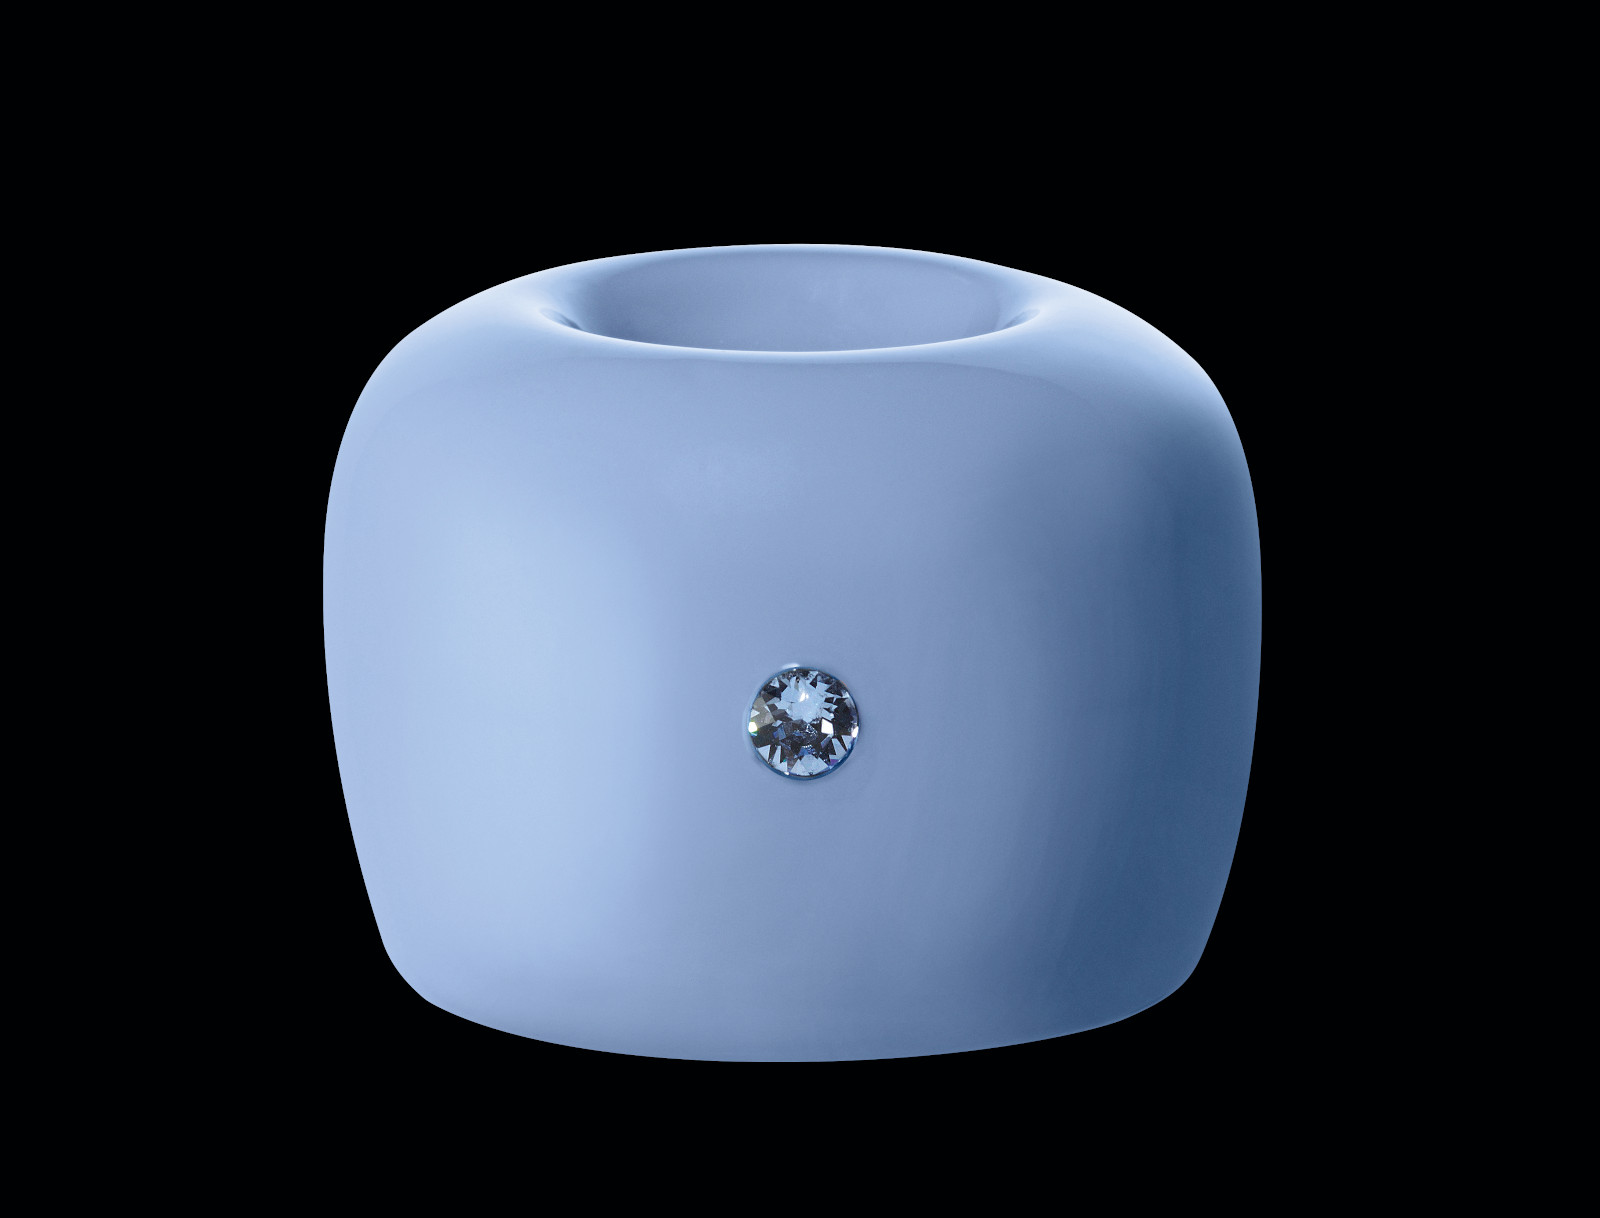 negru swiss smile Halter blau front Strălucire de diamant cu o trilogie de bijuterii